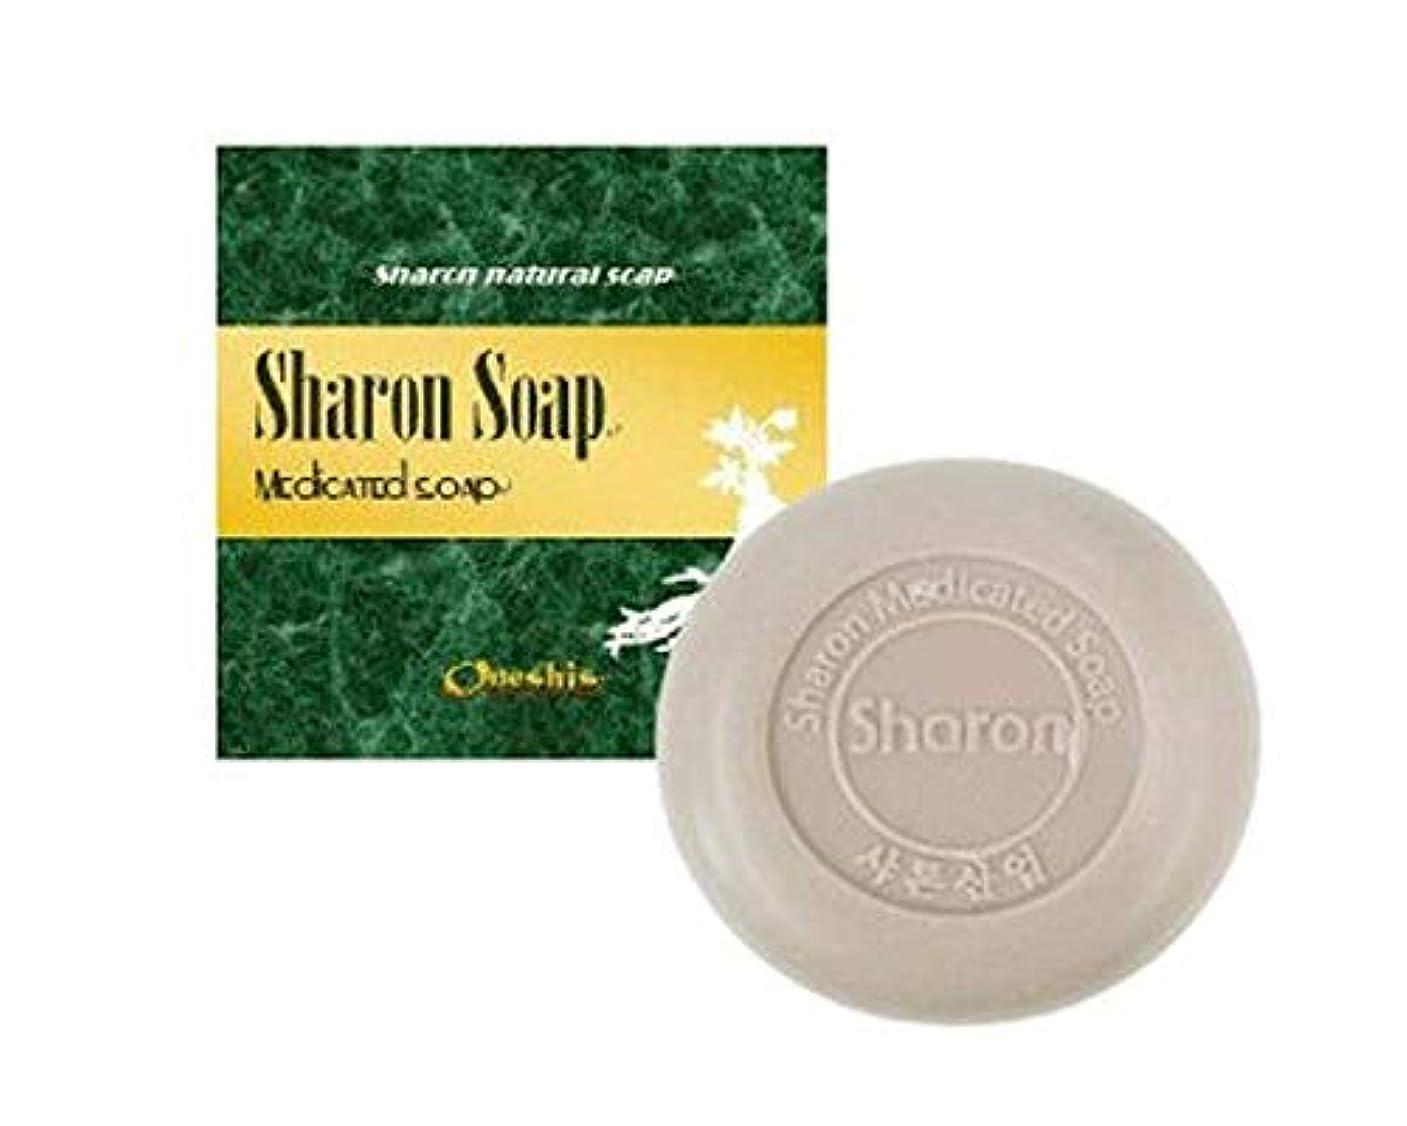 直立リード切手Sharon Soap シャロンナチュラルソープ 天然由来植物成分 美肌石鹸